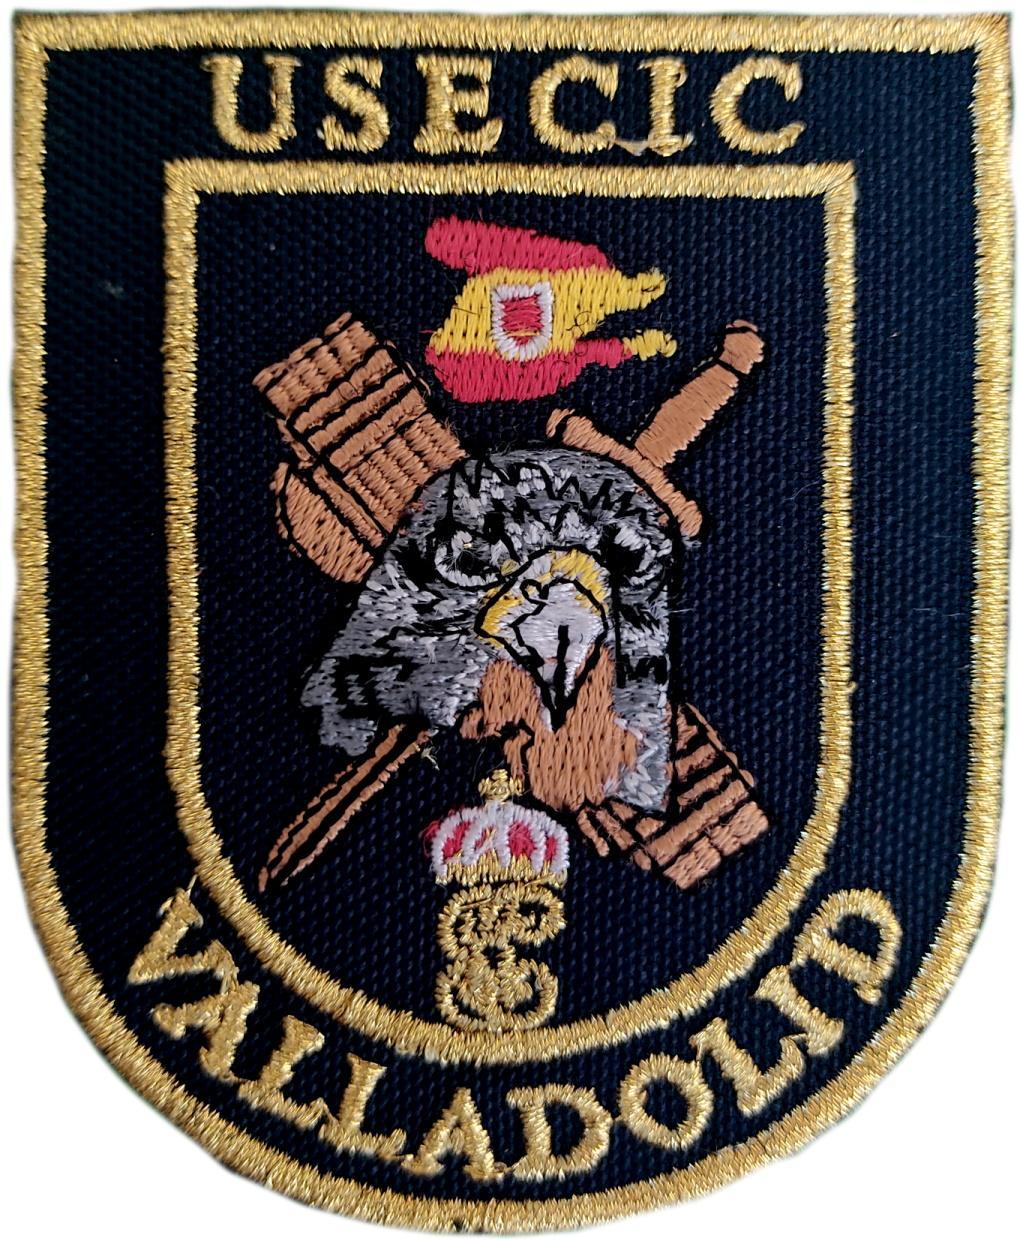 Guardia Civil Usecic Valladolid parche insignia emblema distintivo bordado